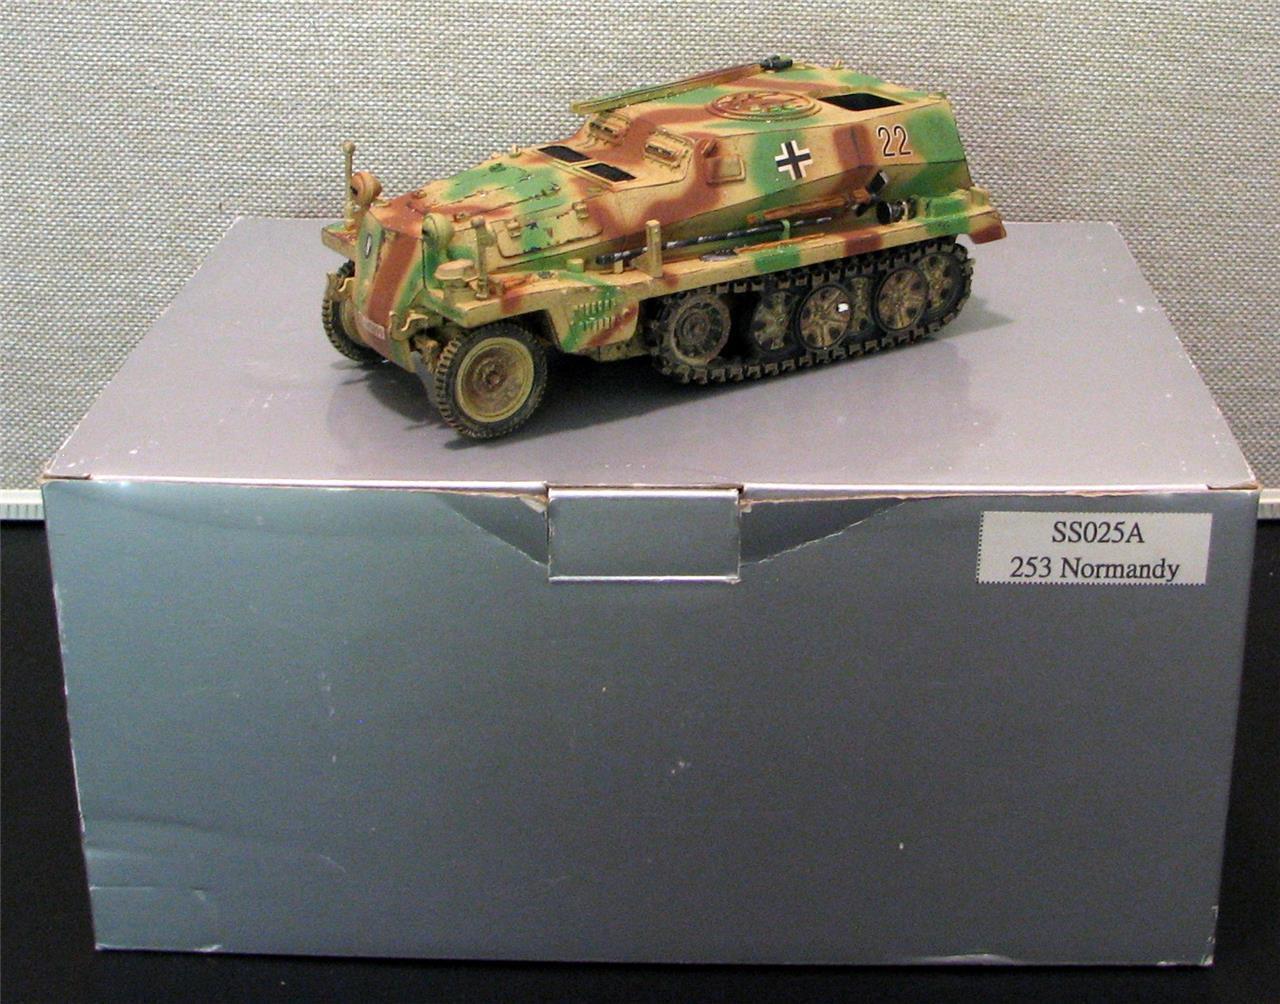 Thomas pistola minatures Alemán Sdkfz 253 latas de la segunda guerra mundial SS025A